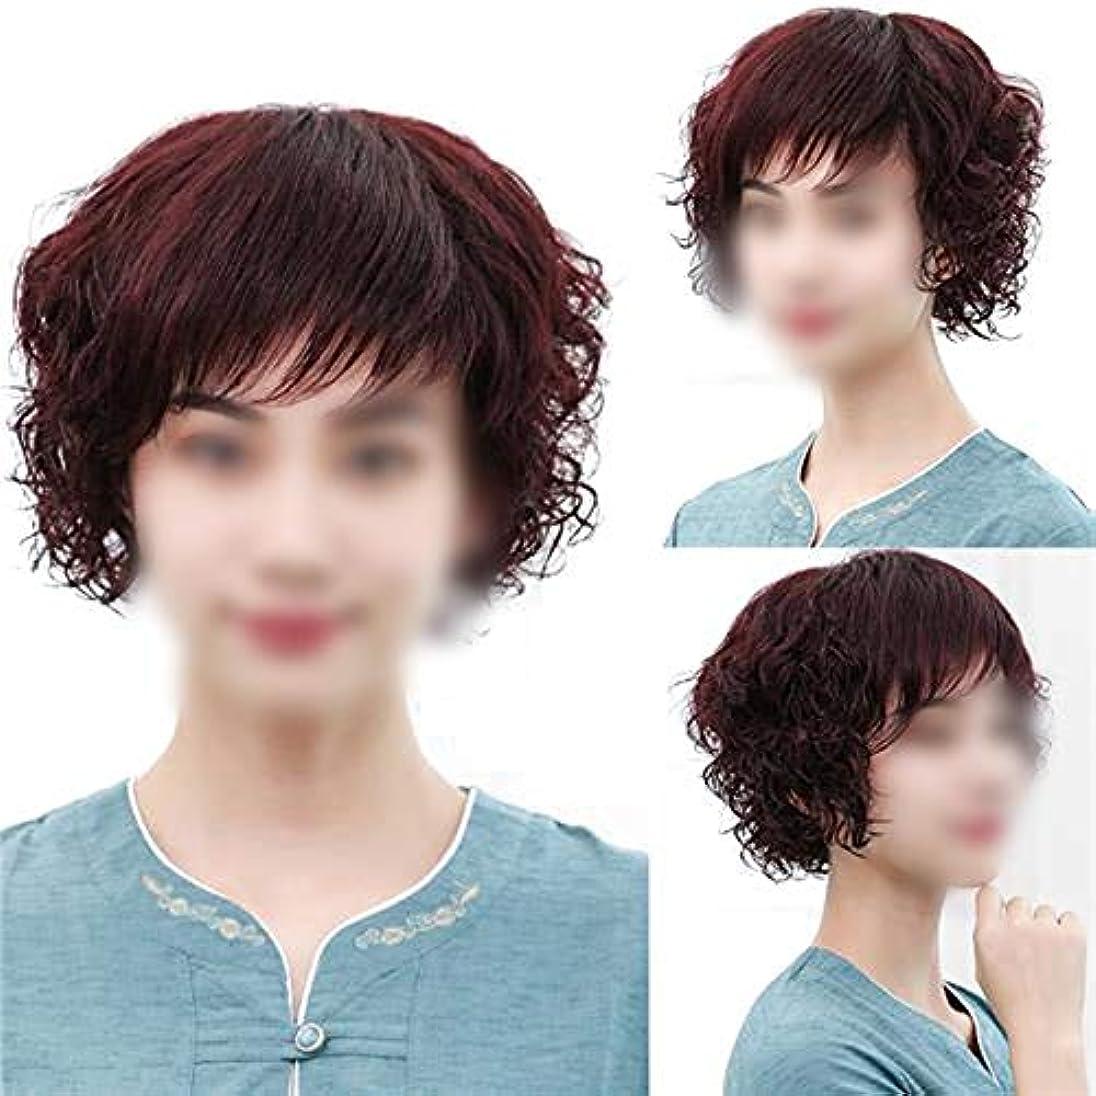 喜びシャーロックホームズアクセルYOUQIU フル手織り実髪ふわふわショートカーリーヘアウィッグ女性用かつらのリアルなナチュラルウィッグ中年 (色 : Dark brown)